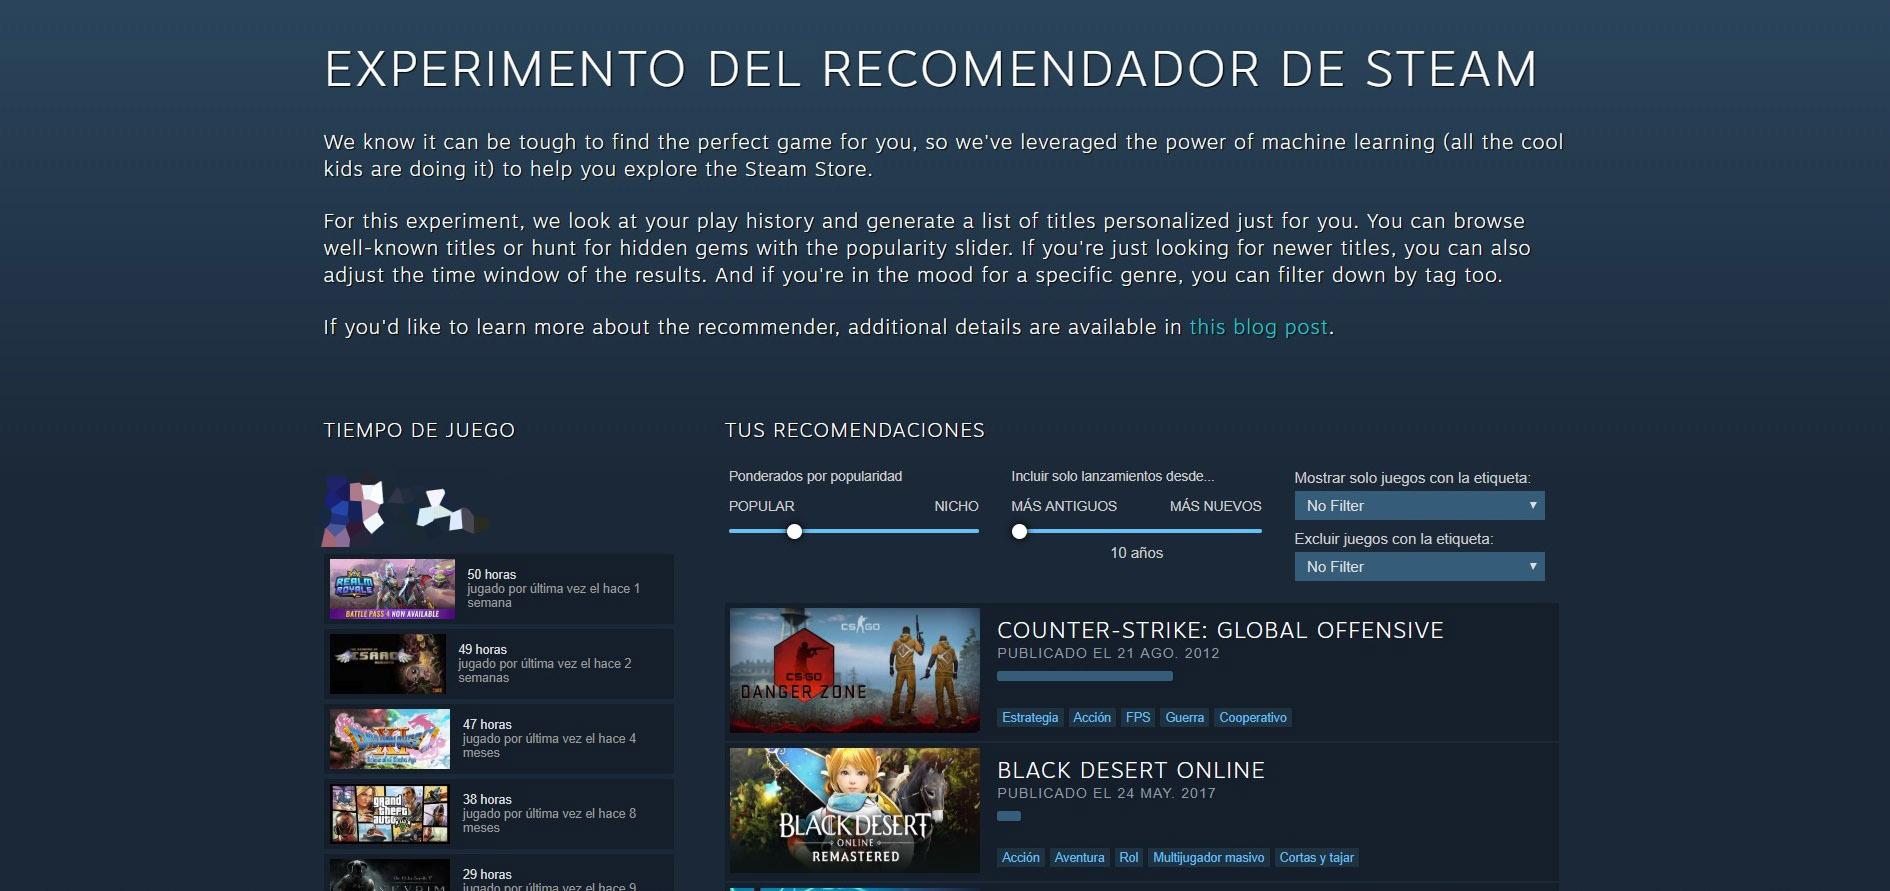 Recomendador Steam 1